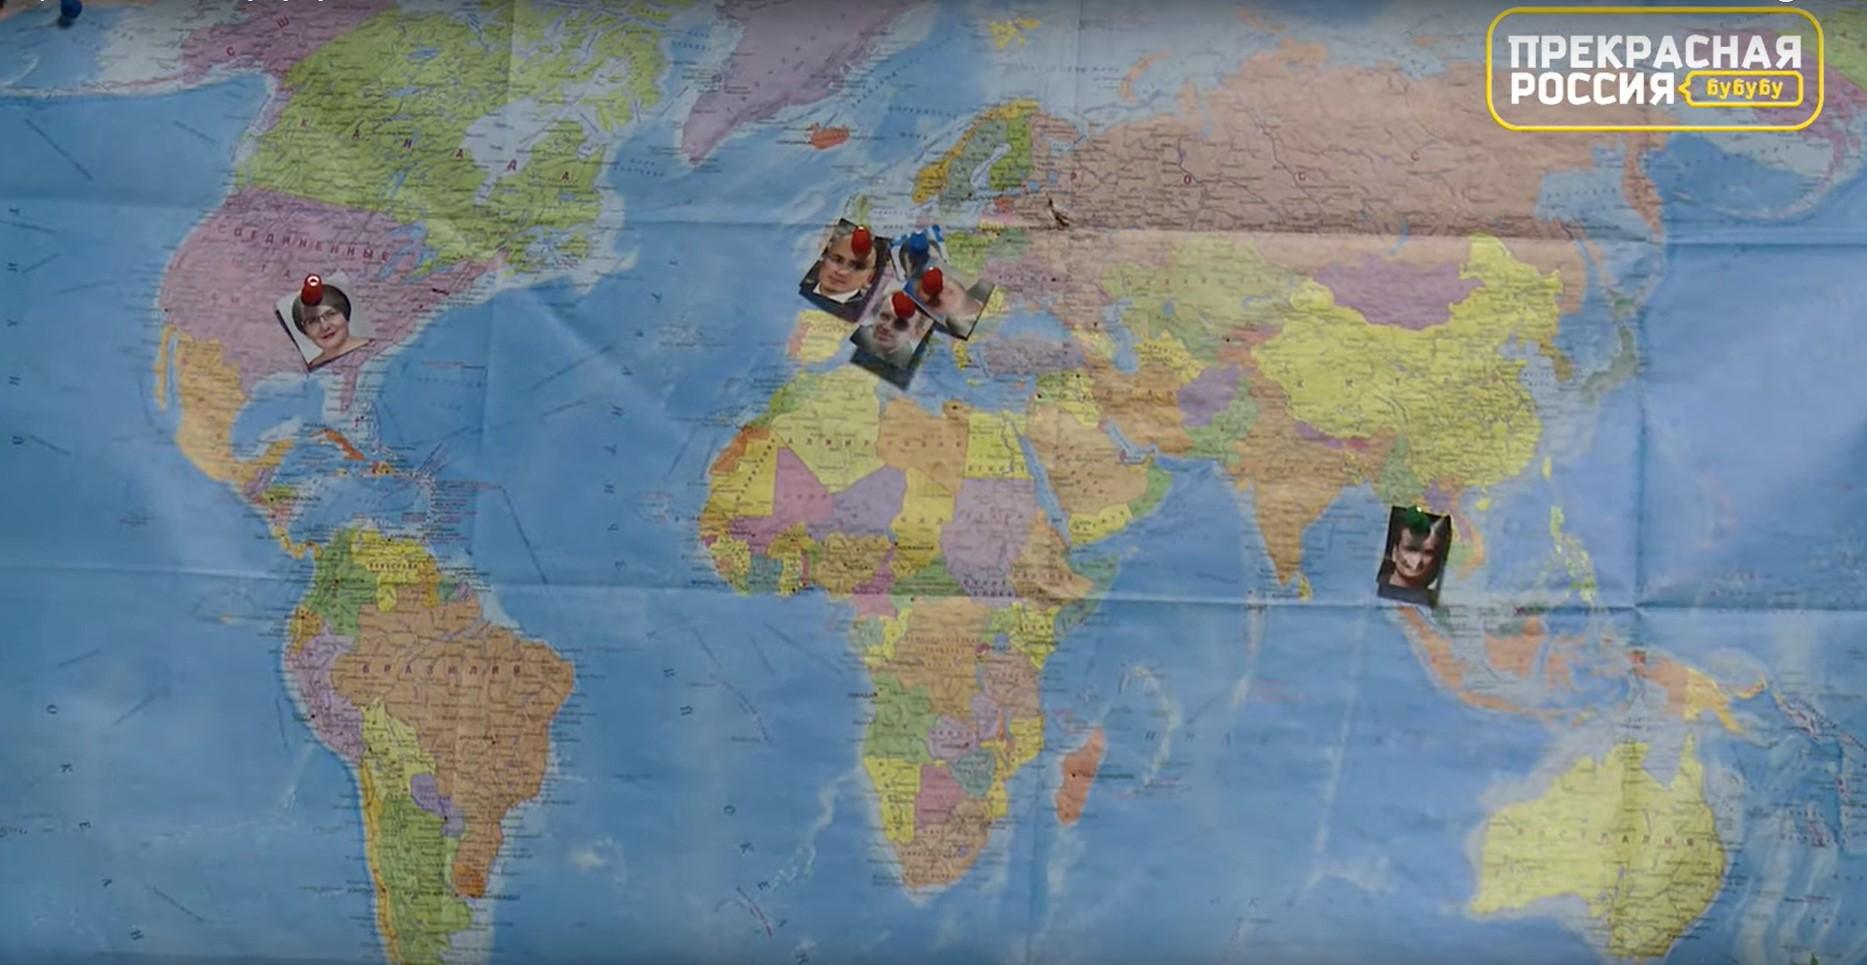 Почему «патриоты» отдыхают за границей?